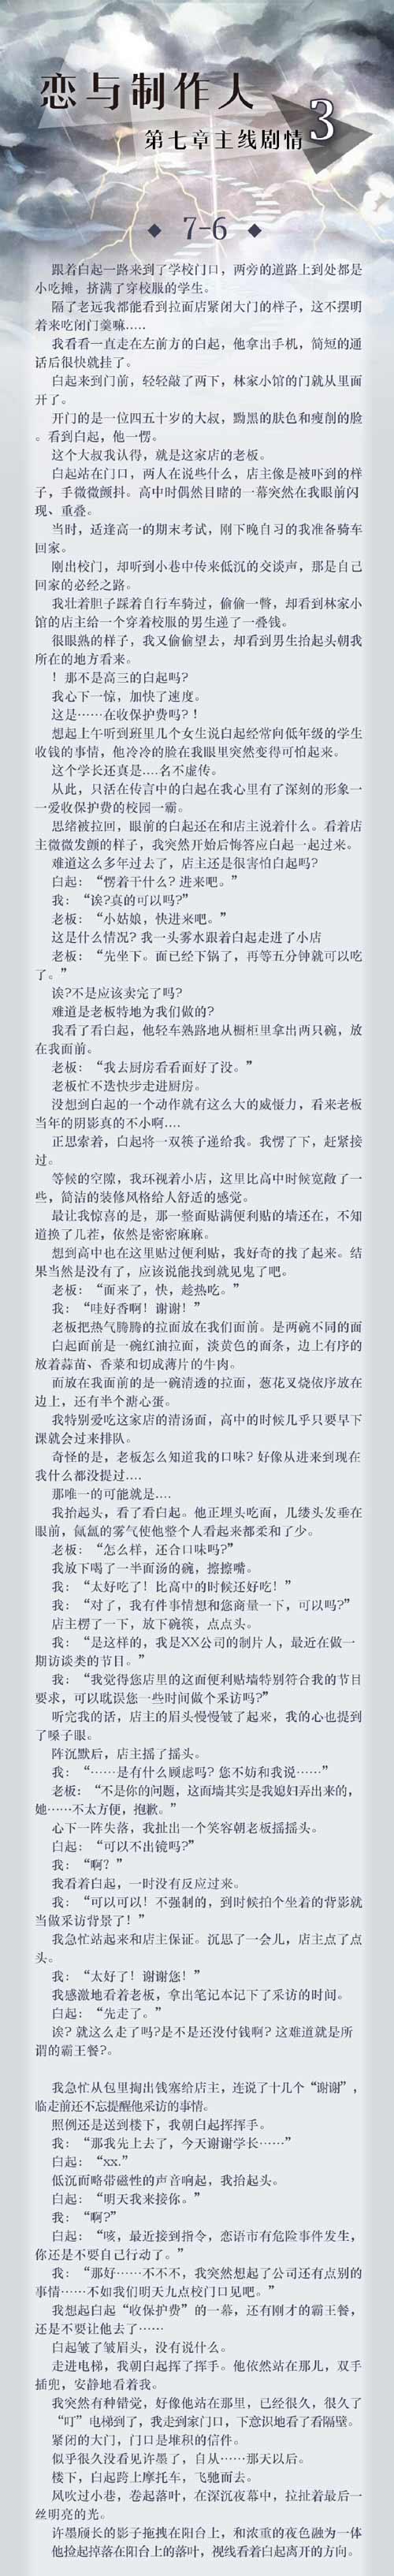 恋与制作人7-6剧情